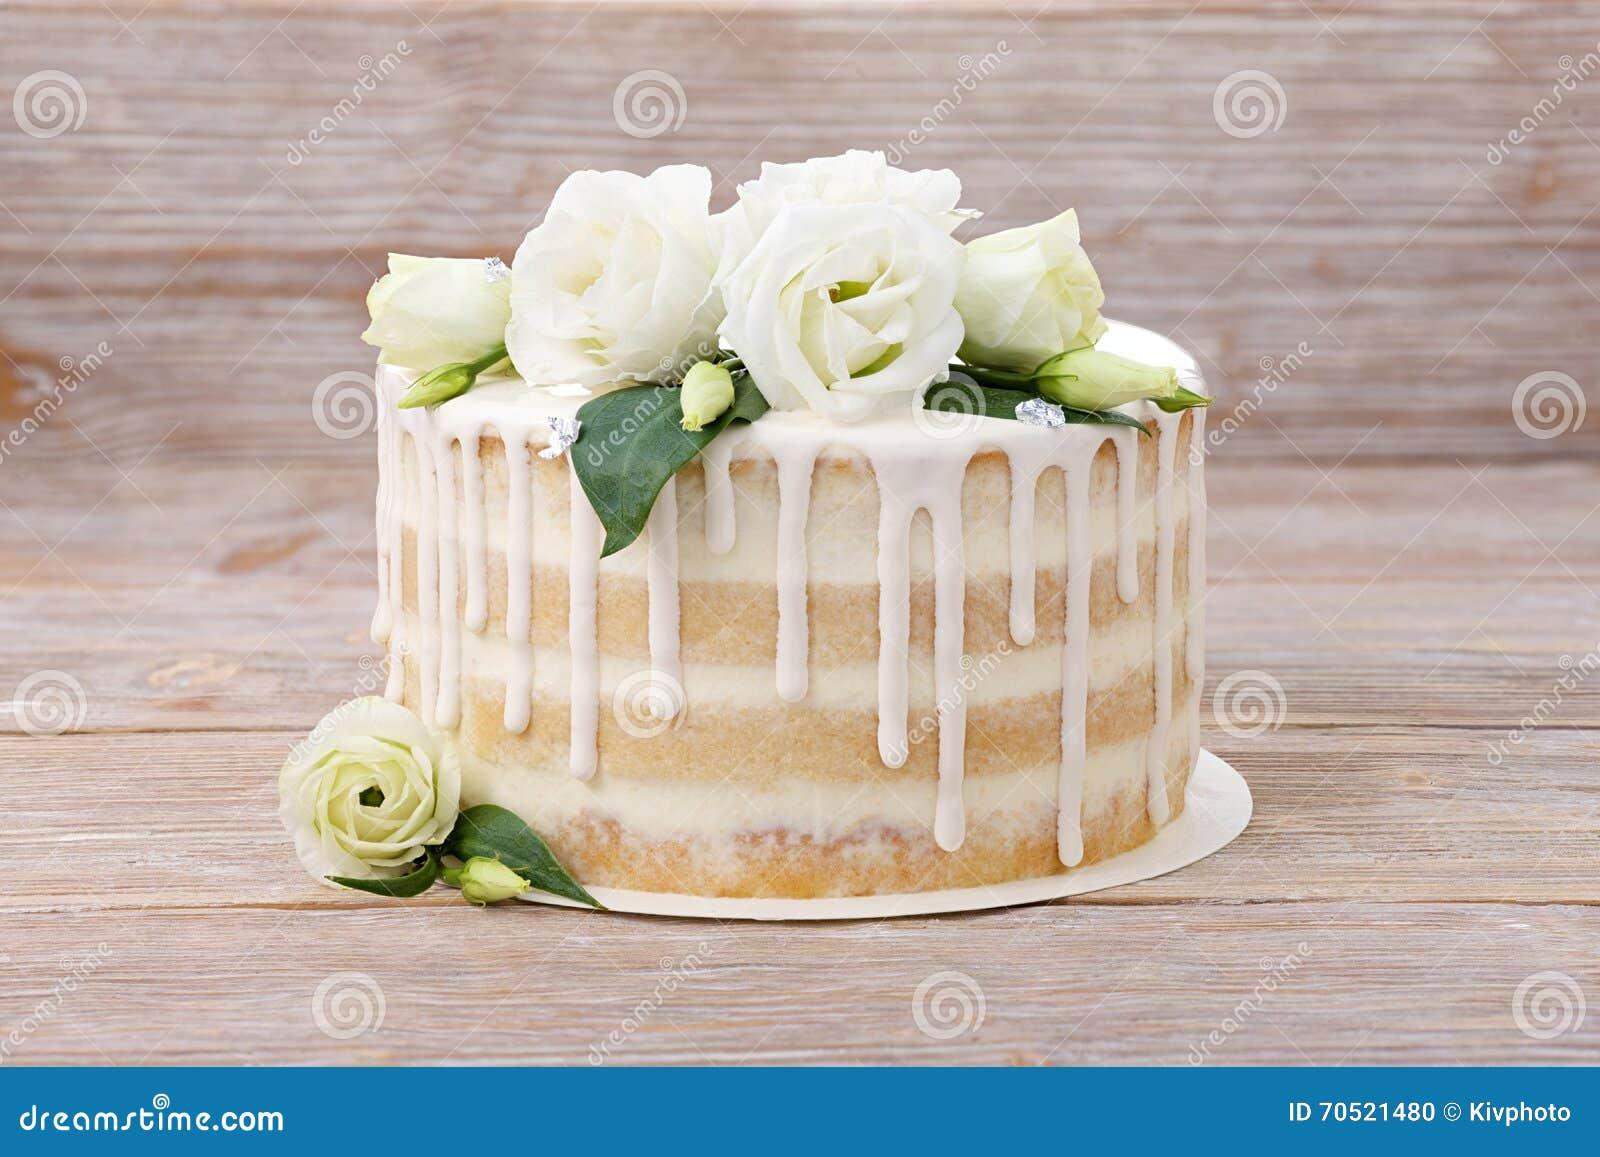 Hochzeitstorte Mit Schonen Blumen Und Einem Eadible Silber Stockfoto